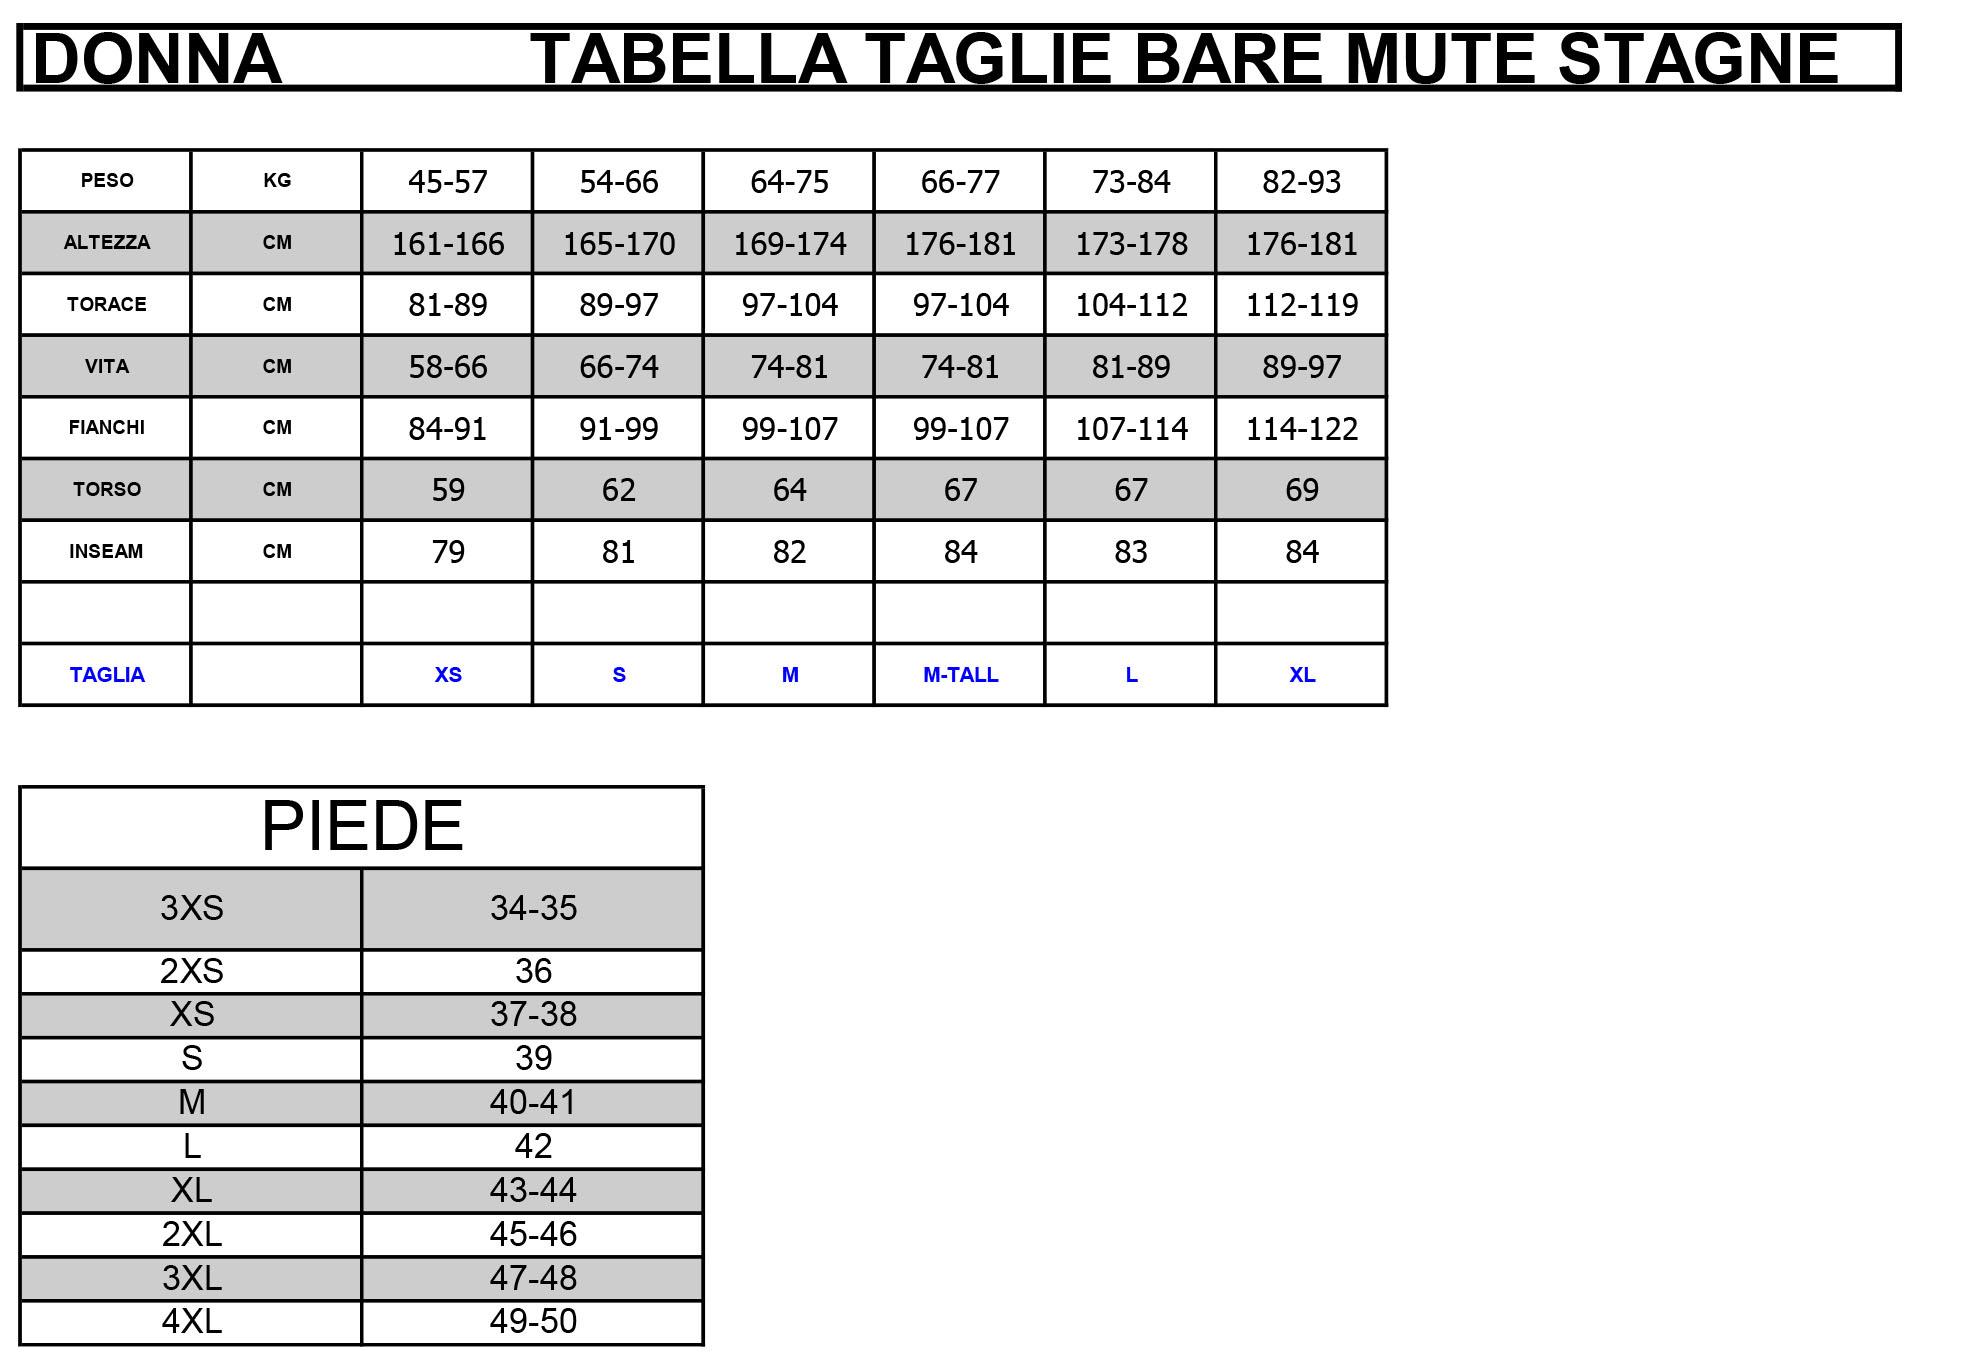 Tabella_Tglie_BARE_Donna